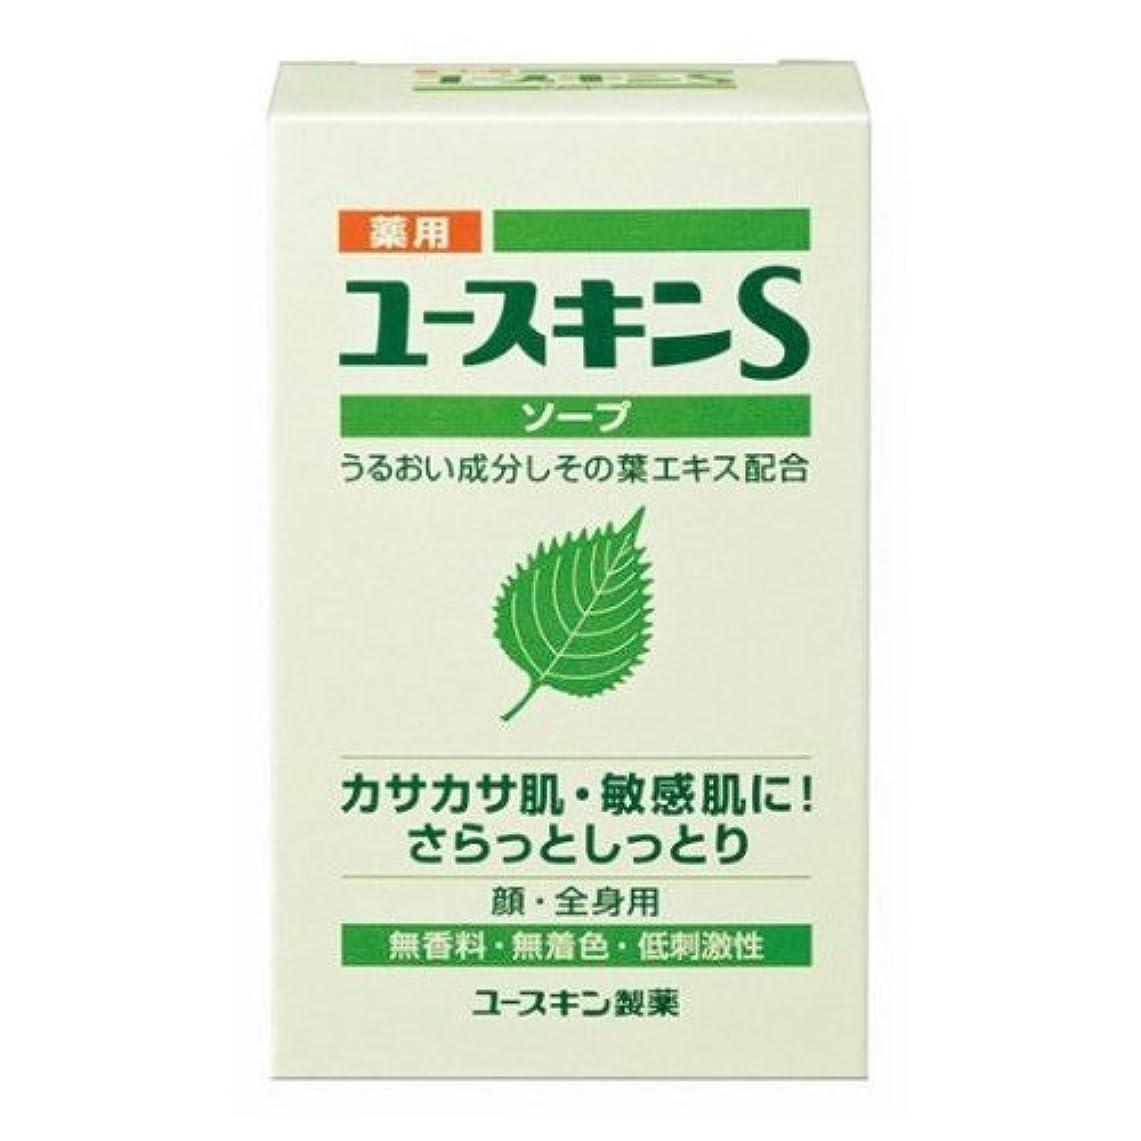 コスチューム定期的なメーカーユースキン製薬 薬用ユースキンSソープ 90g(医薬部外品)